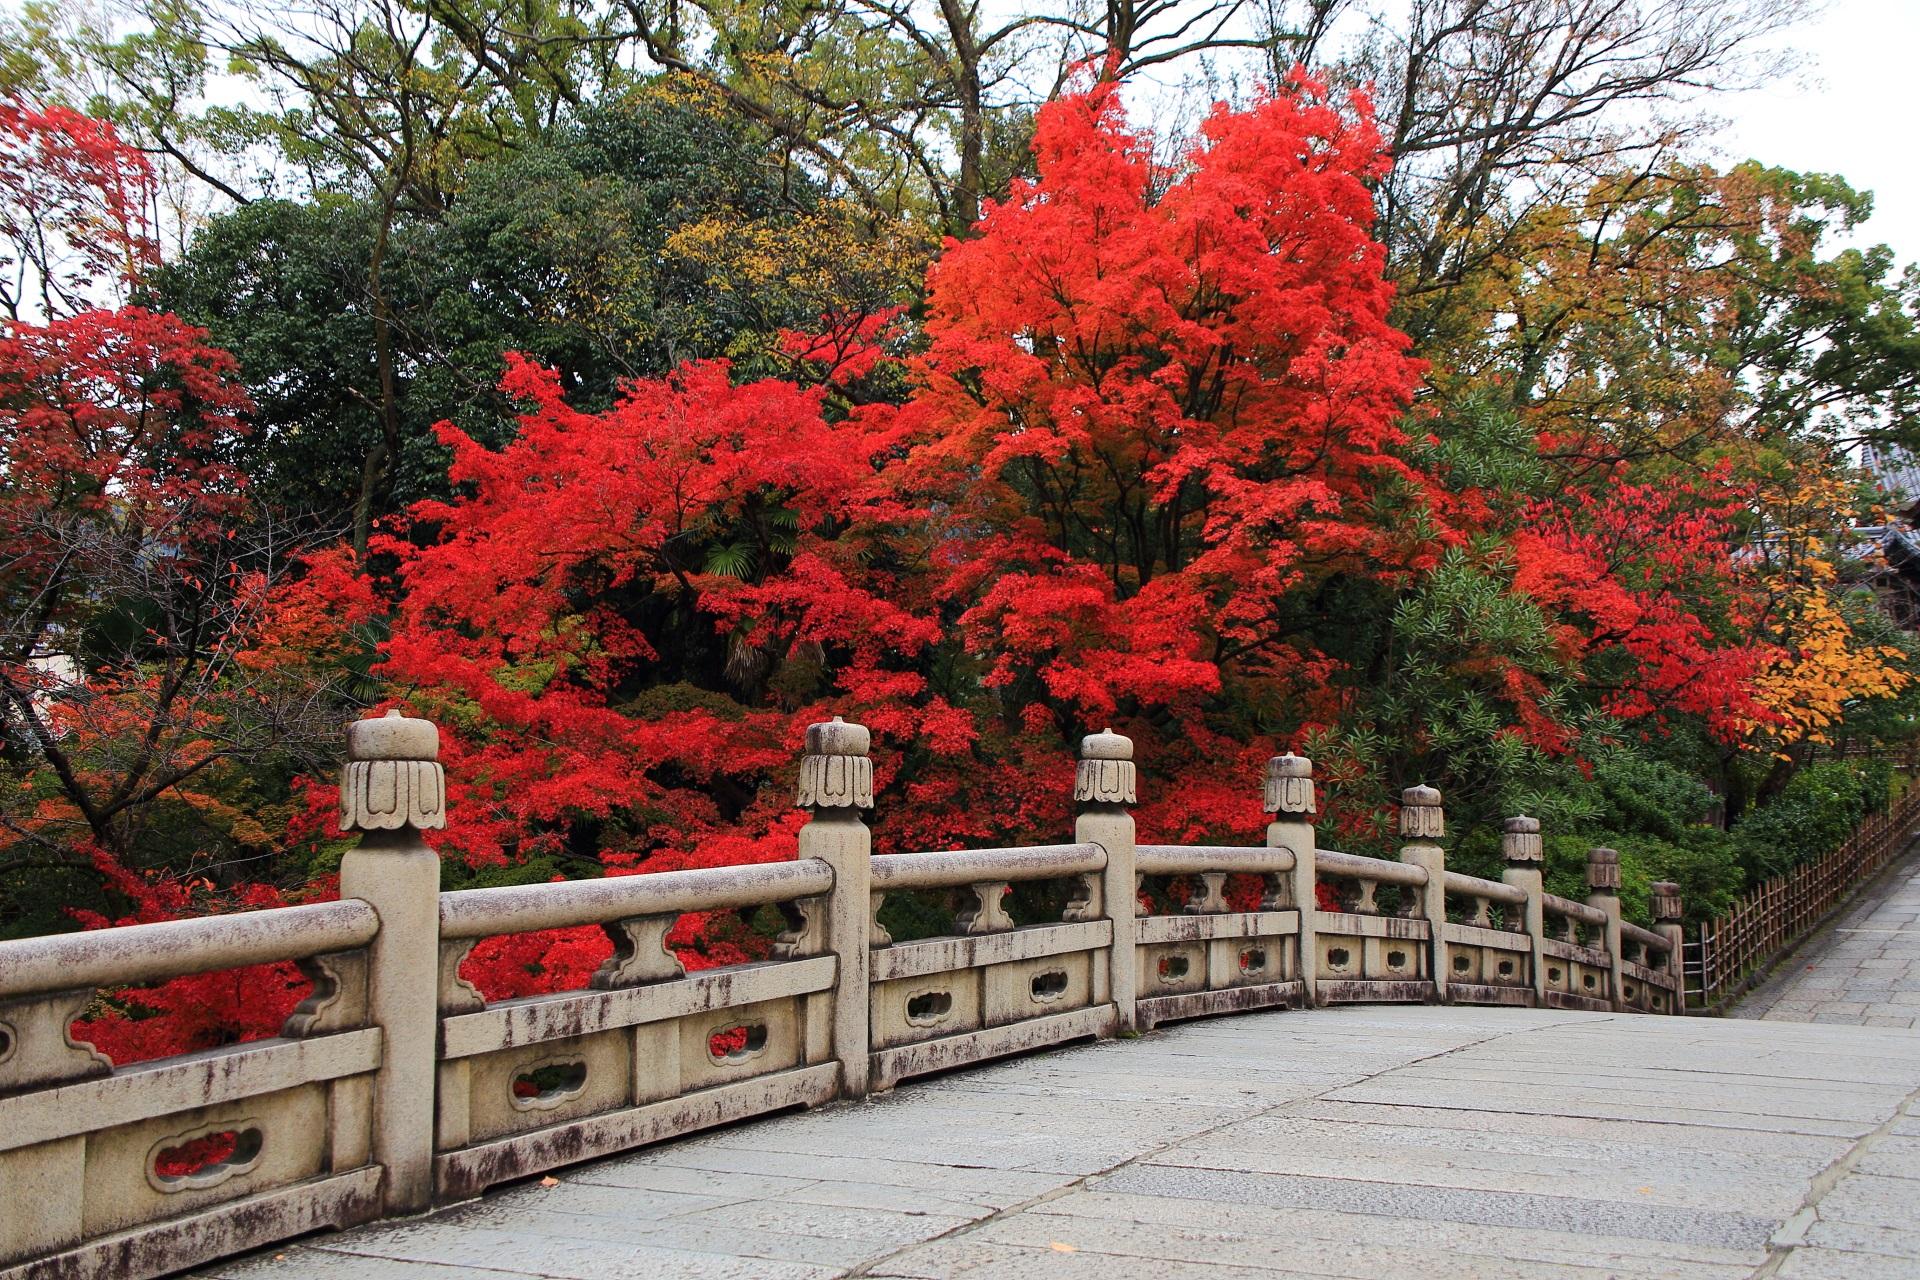 大谷本廟の円通橋と真っ赤な紅葉